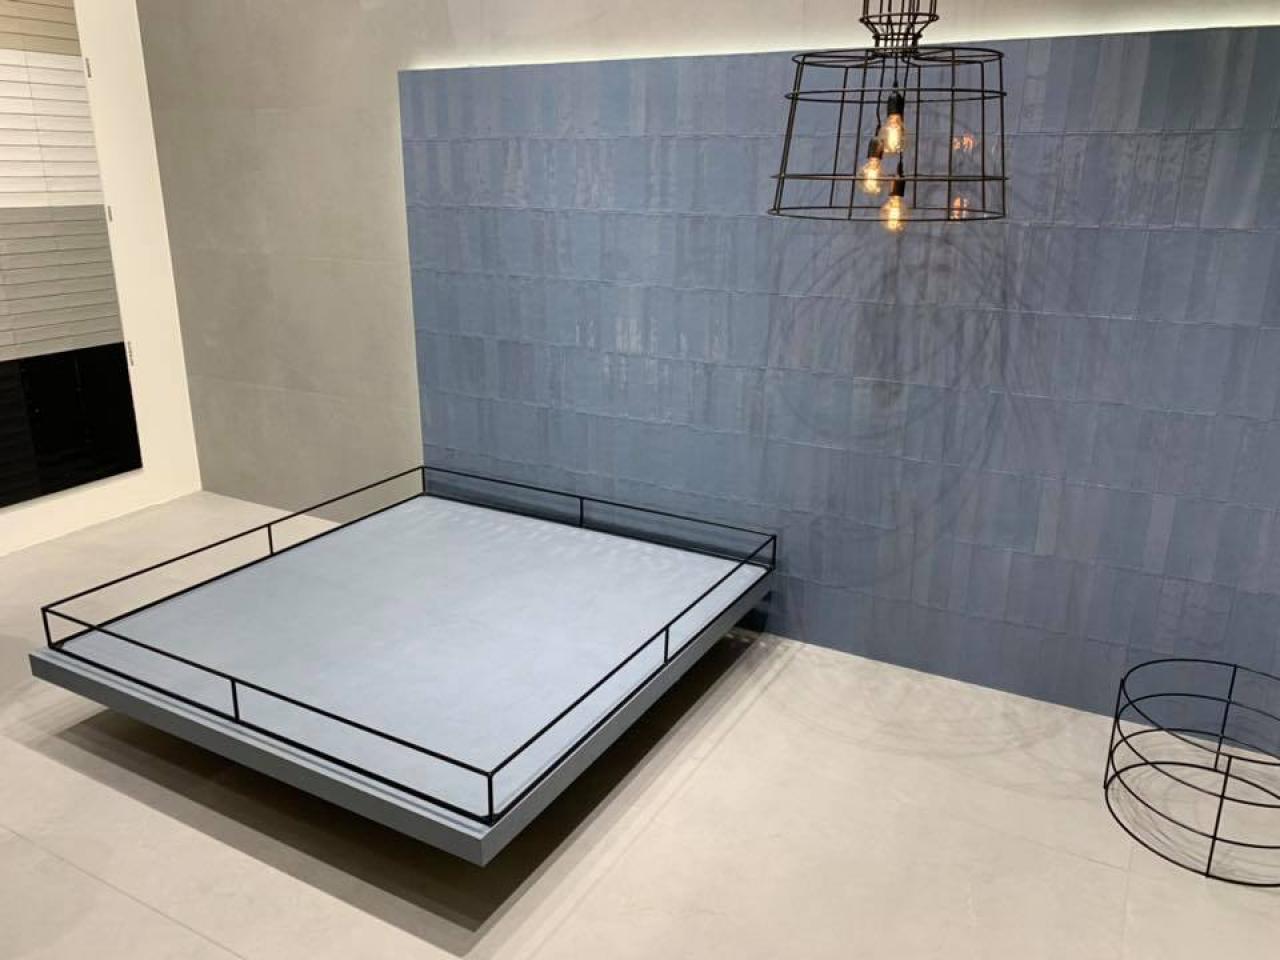 Parete dietro al letto: come rivestirla? | Fratelli Pellizzari